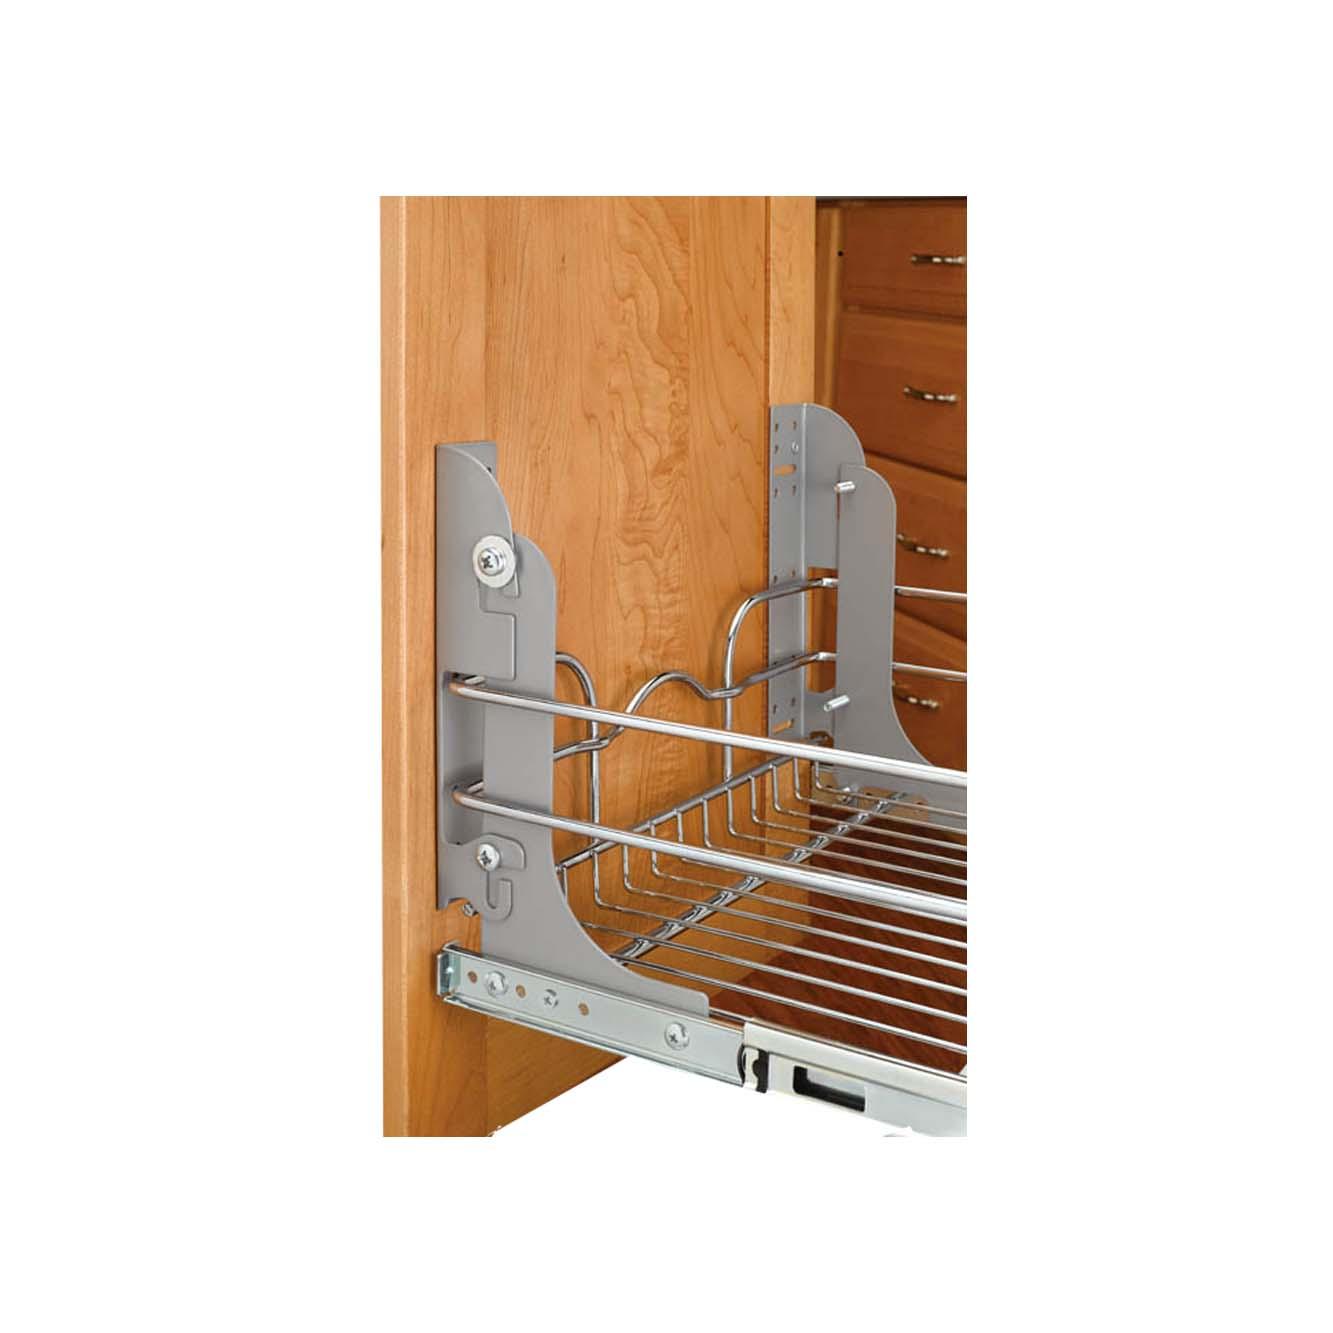 Rev a shelf door mount kit - Rev A Shelf Door Mount Kit 57